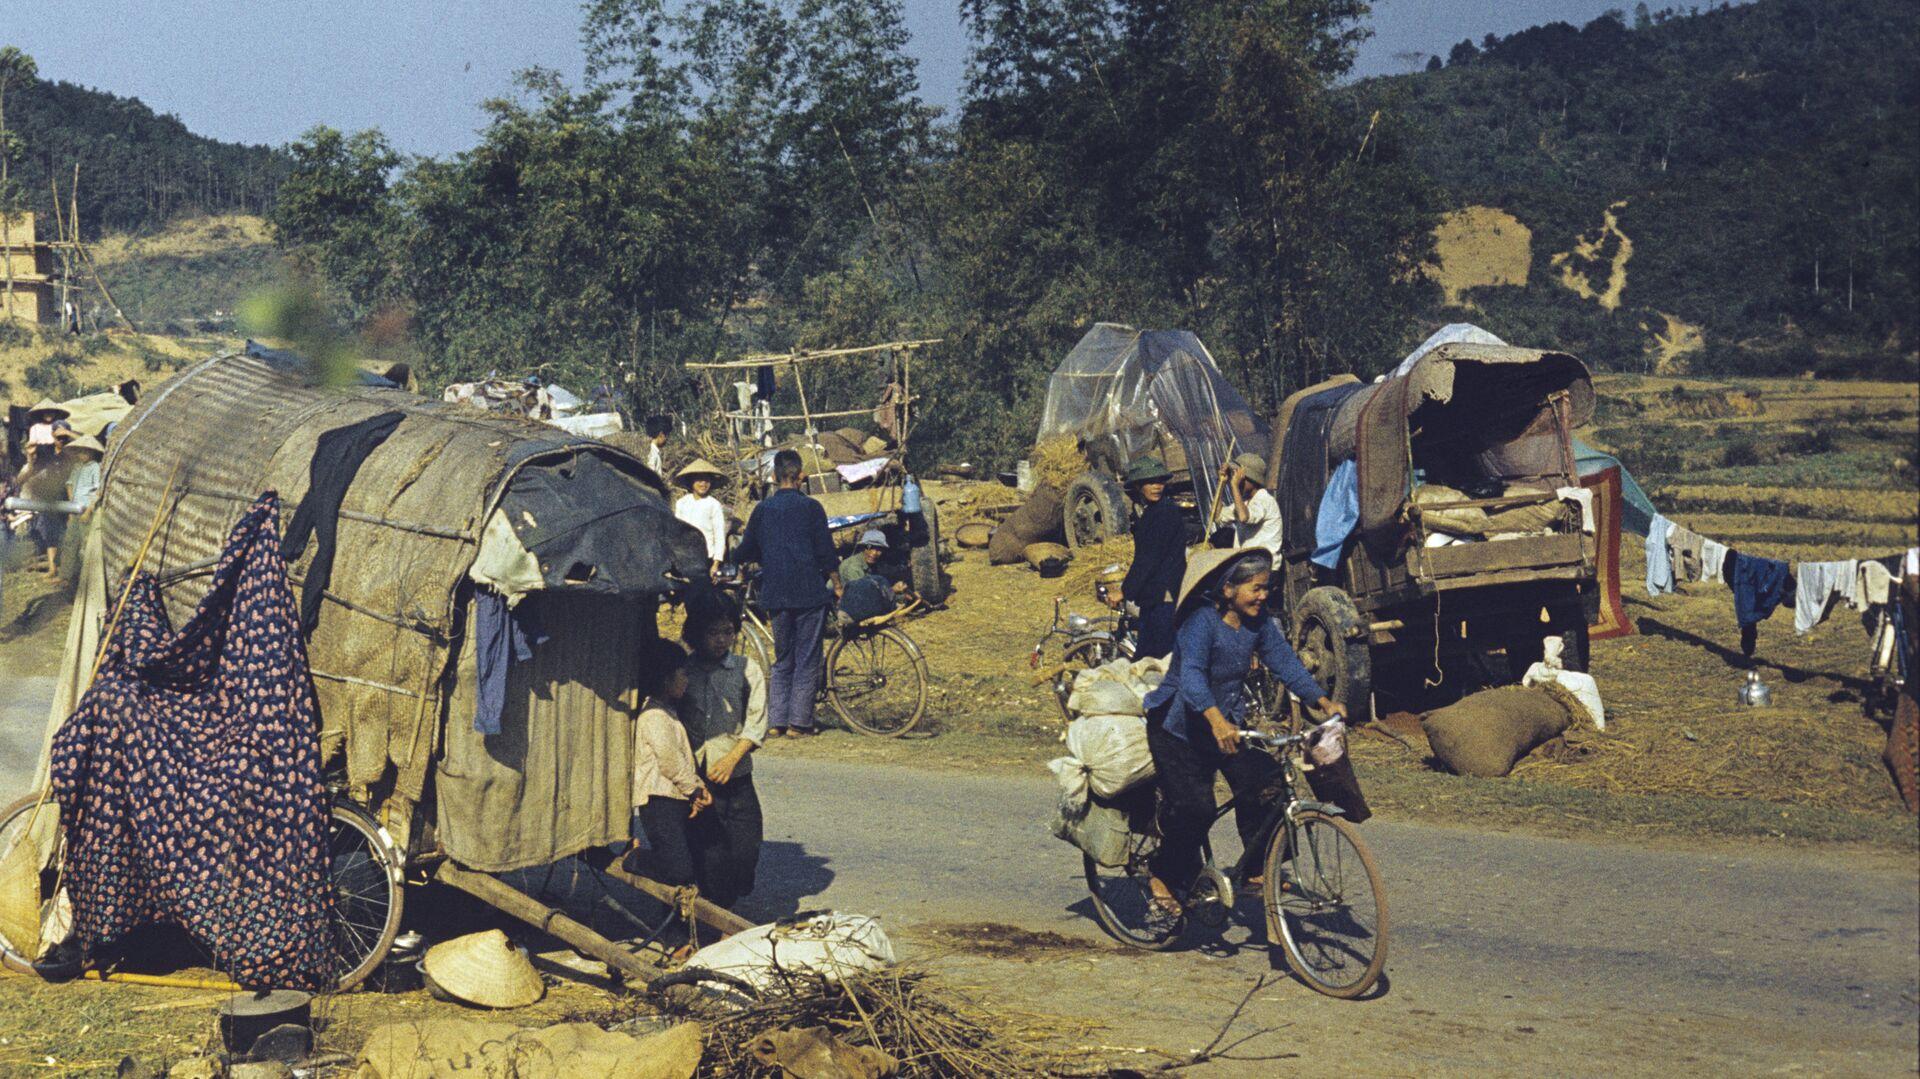 Xung đột vũ trang giữa Việt Nam và Trung Quốc ở biên giới phía bắc của CHXHCN Việt Nam từ tháng 2 đến tháng 3 năm 1979. Tỉnh Lang Son. Dân tản cư từ các tỉnh phía bắc Việt Nam. - Sputnik Việt Nam, 1920, 09.04.2021